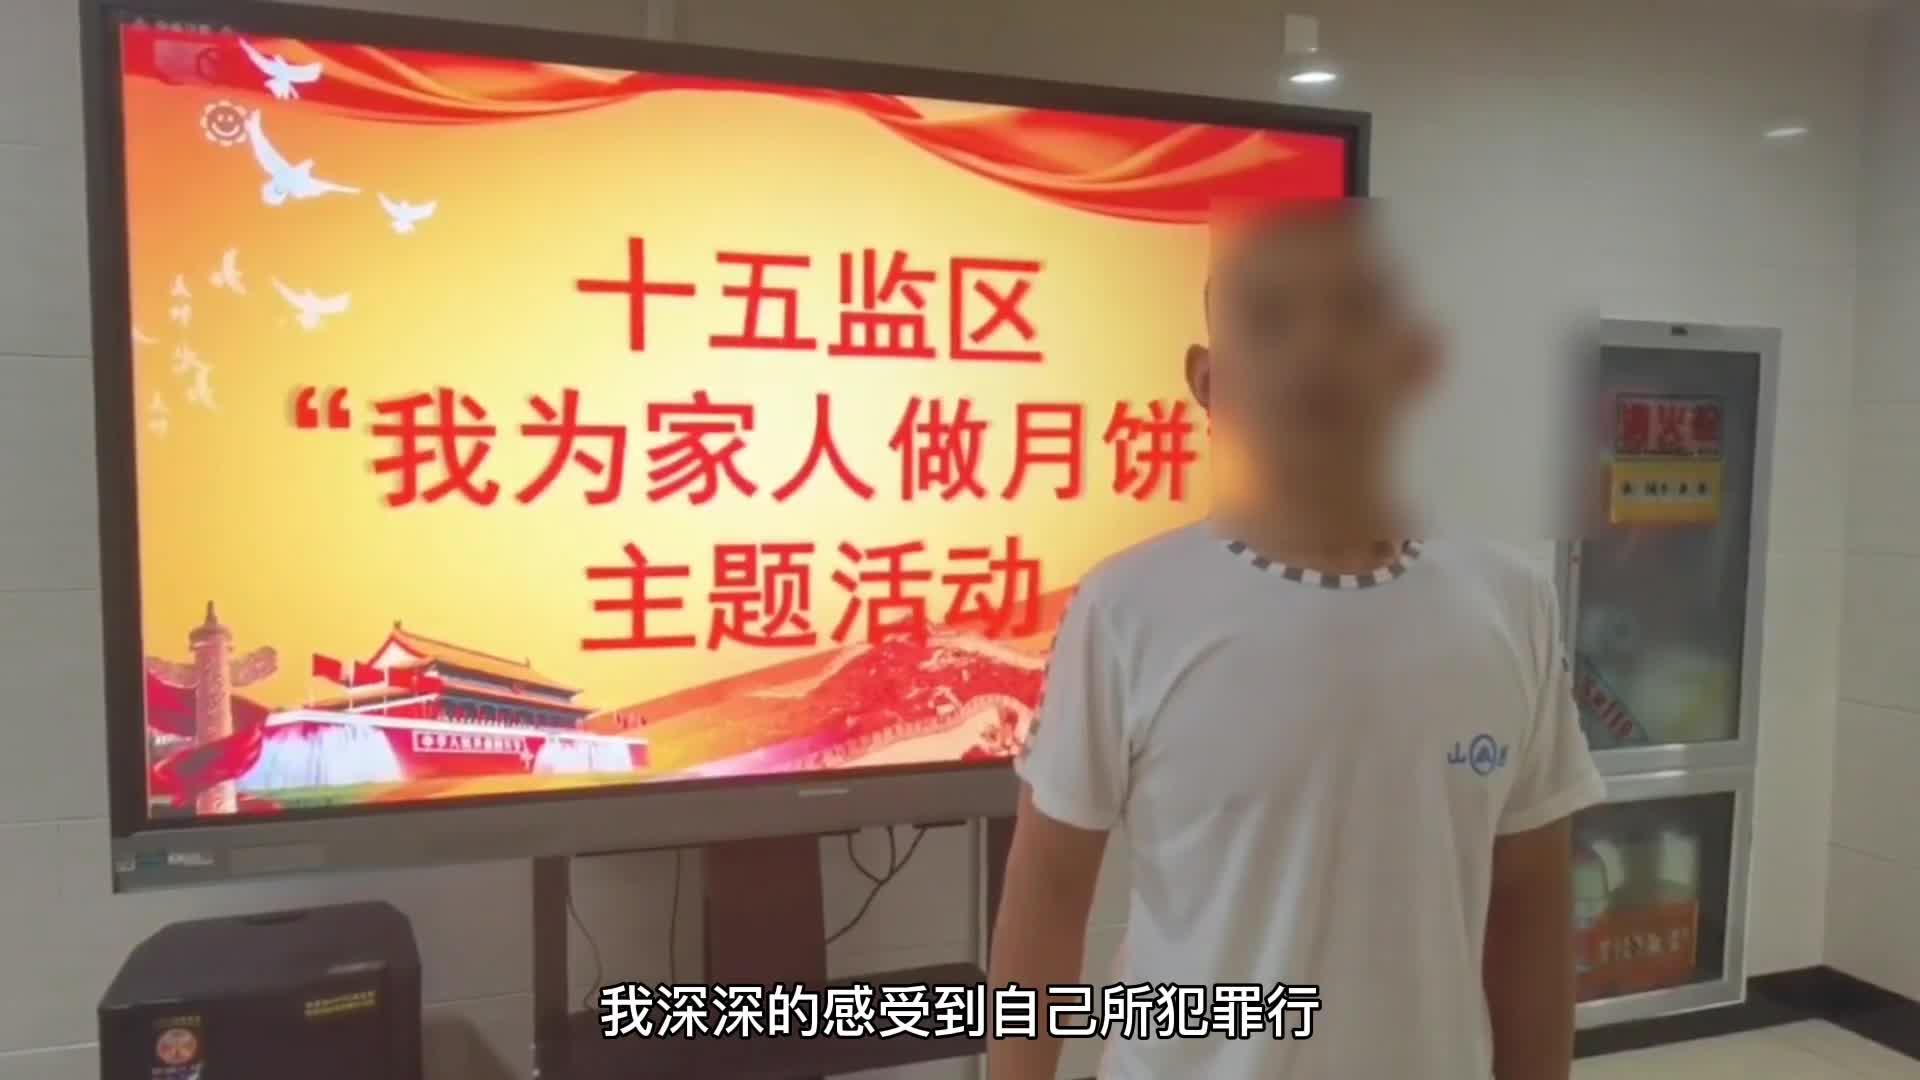 果然视频 情暖中秋,潍北监狱开展中秋主题帮教活动